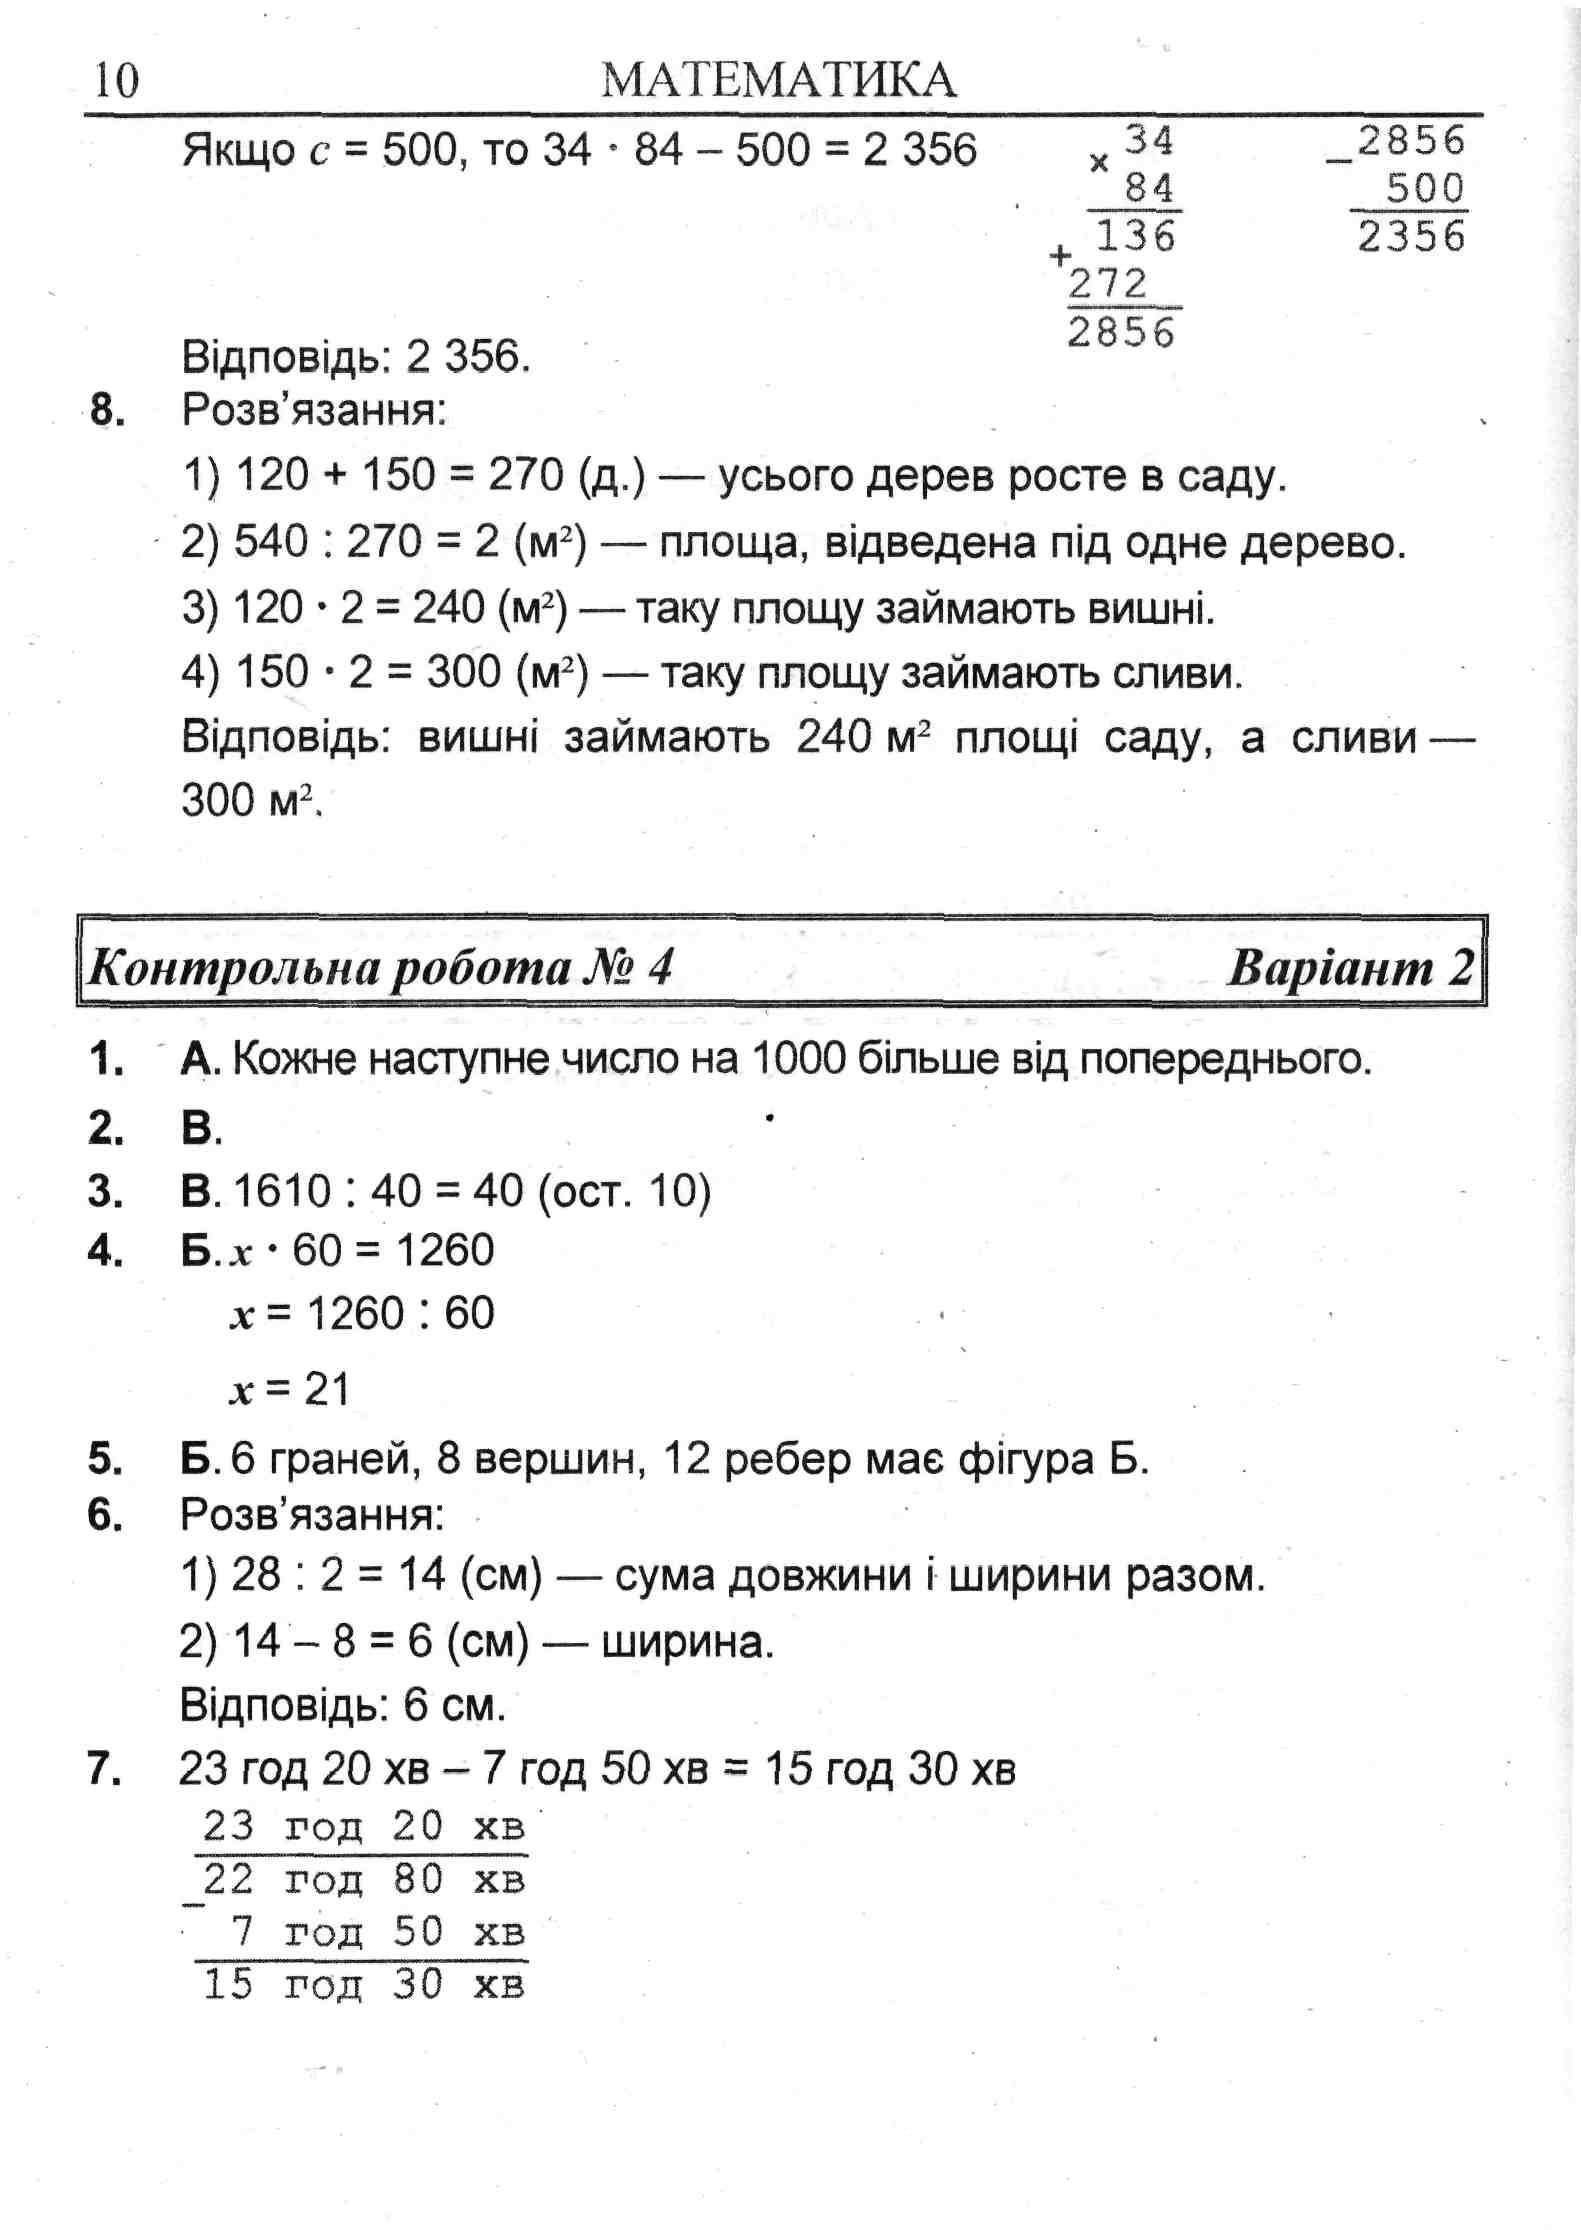 Решебник По Дпа По Математике 4 Класс 2015